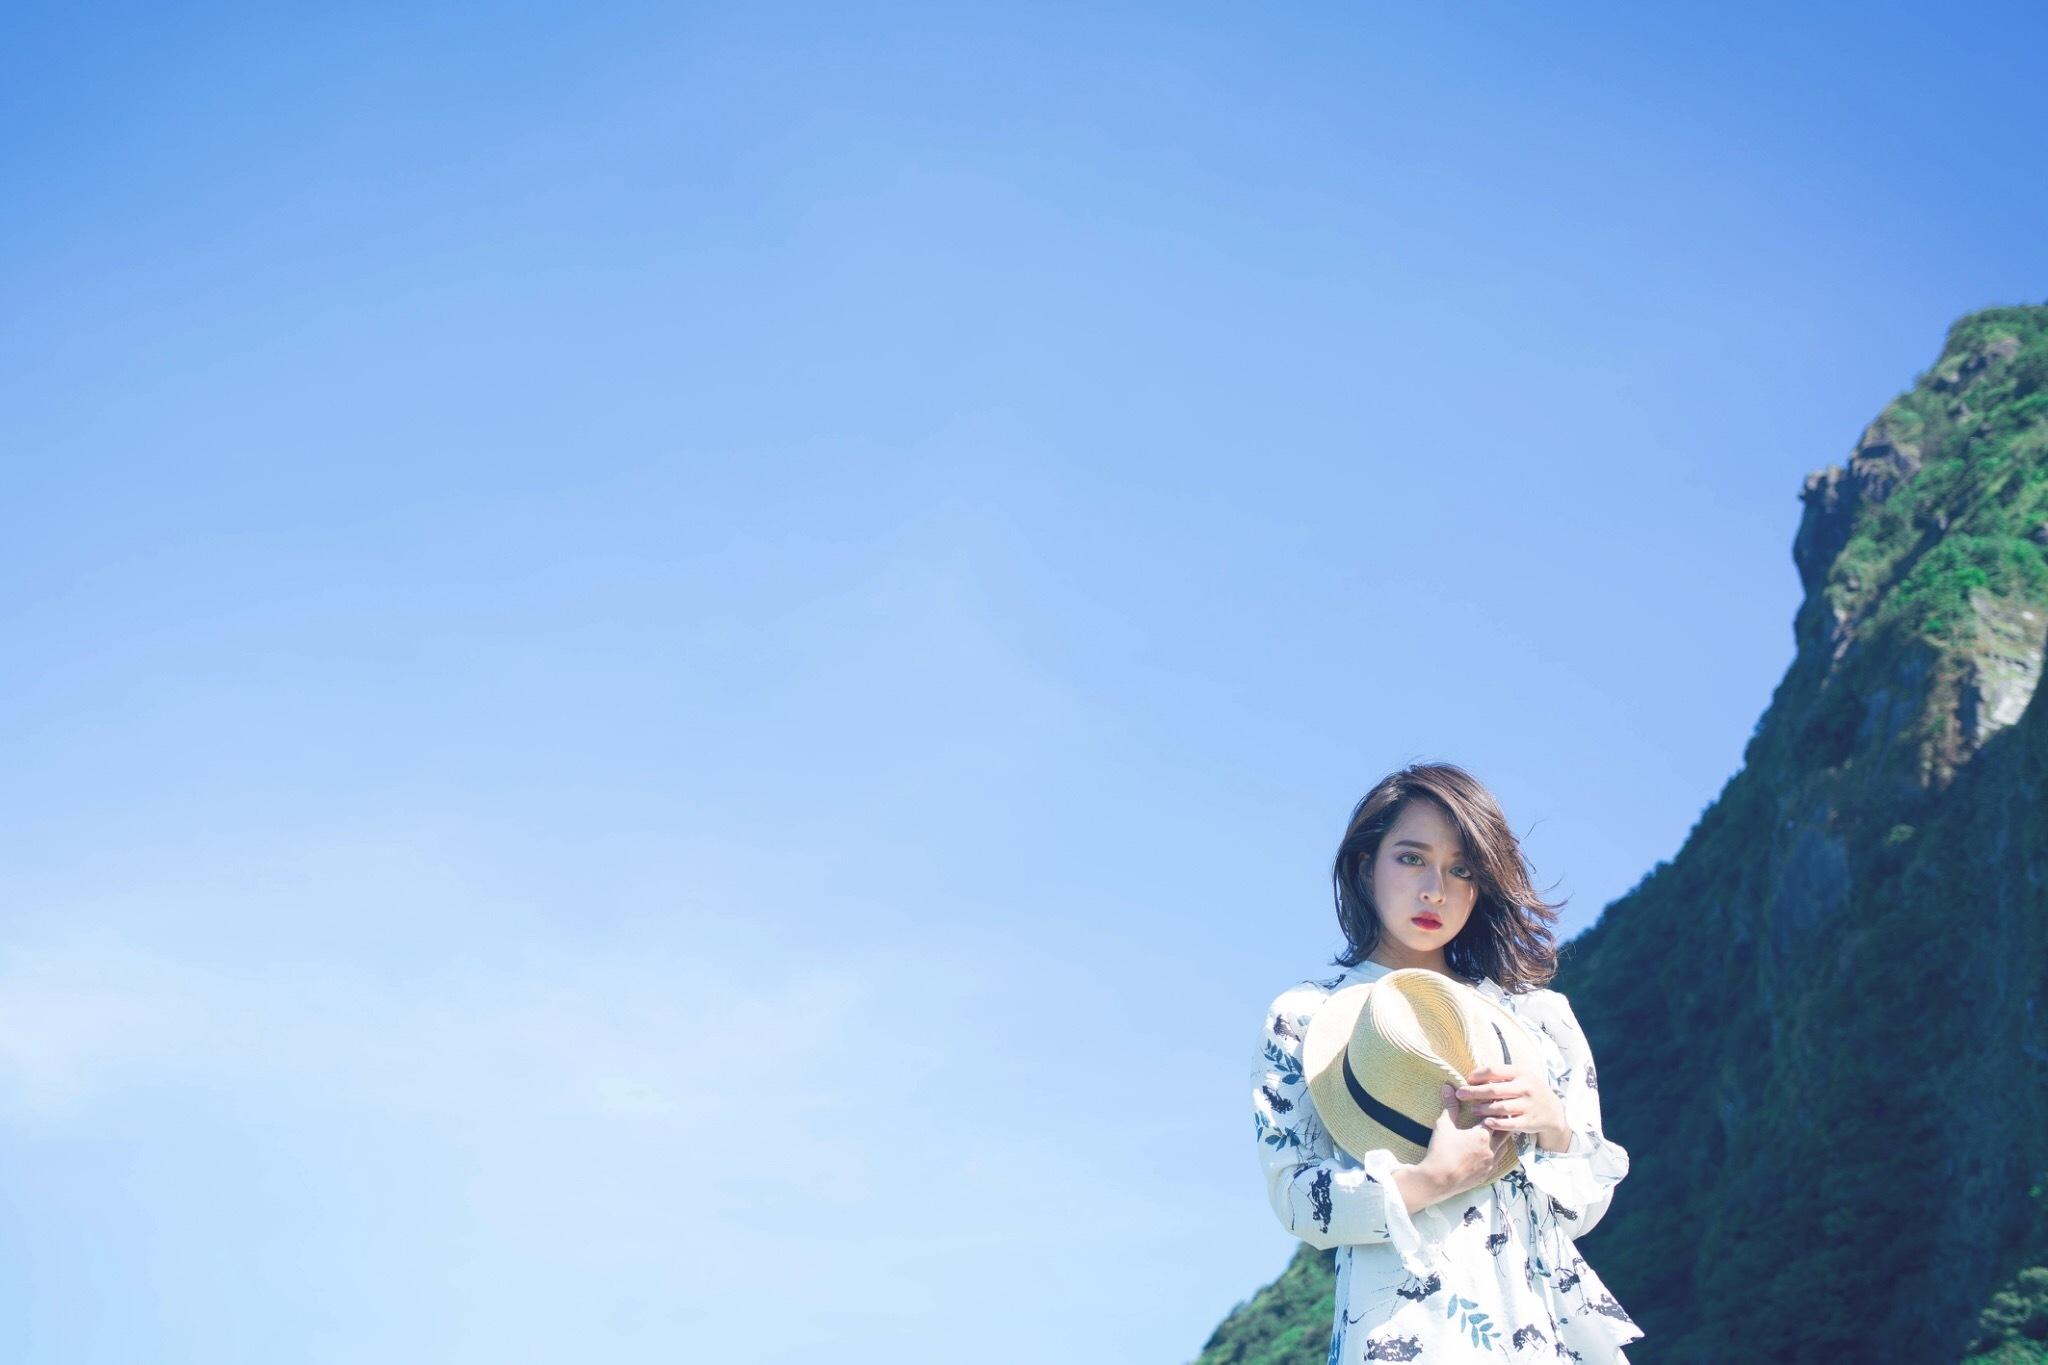 妖豔賤貨的輕夏之旅_1 by 300